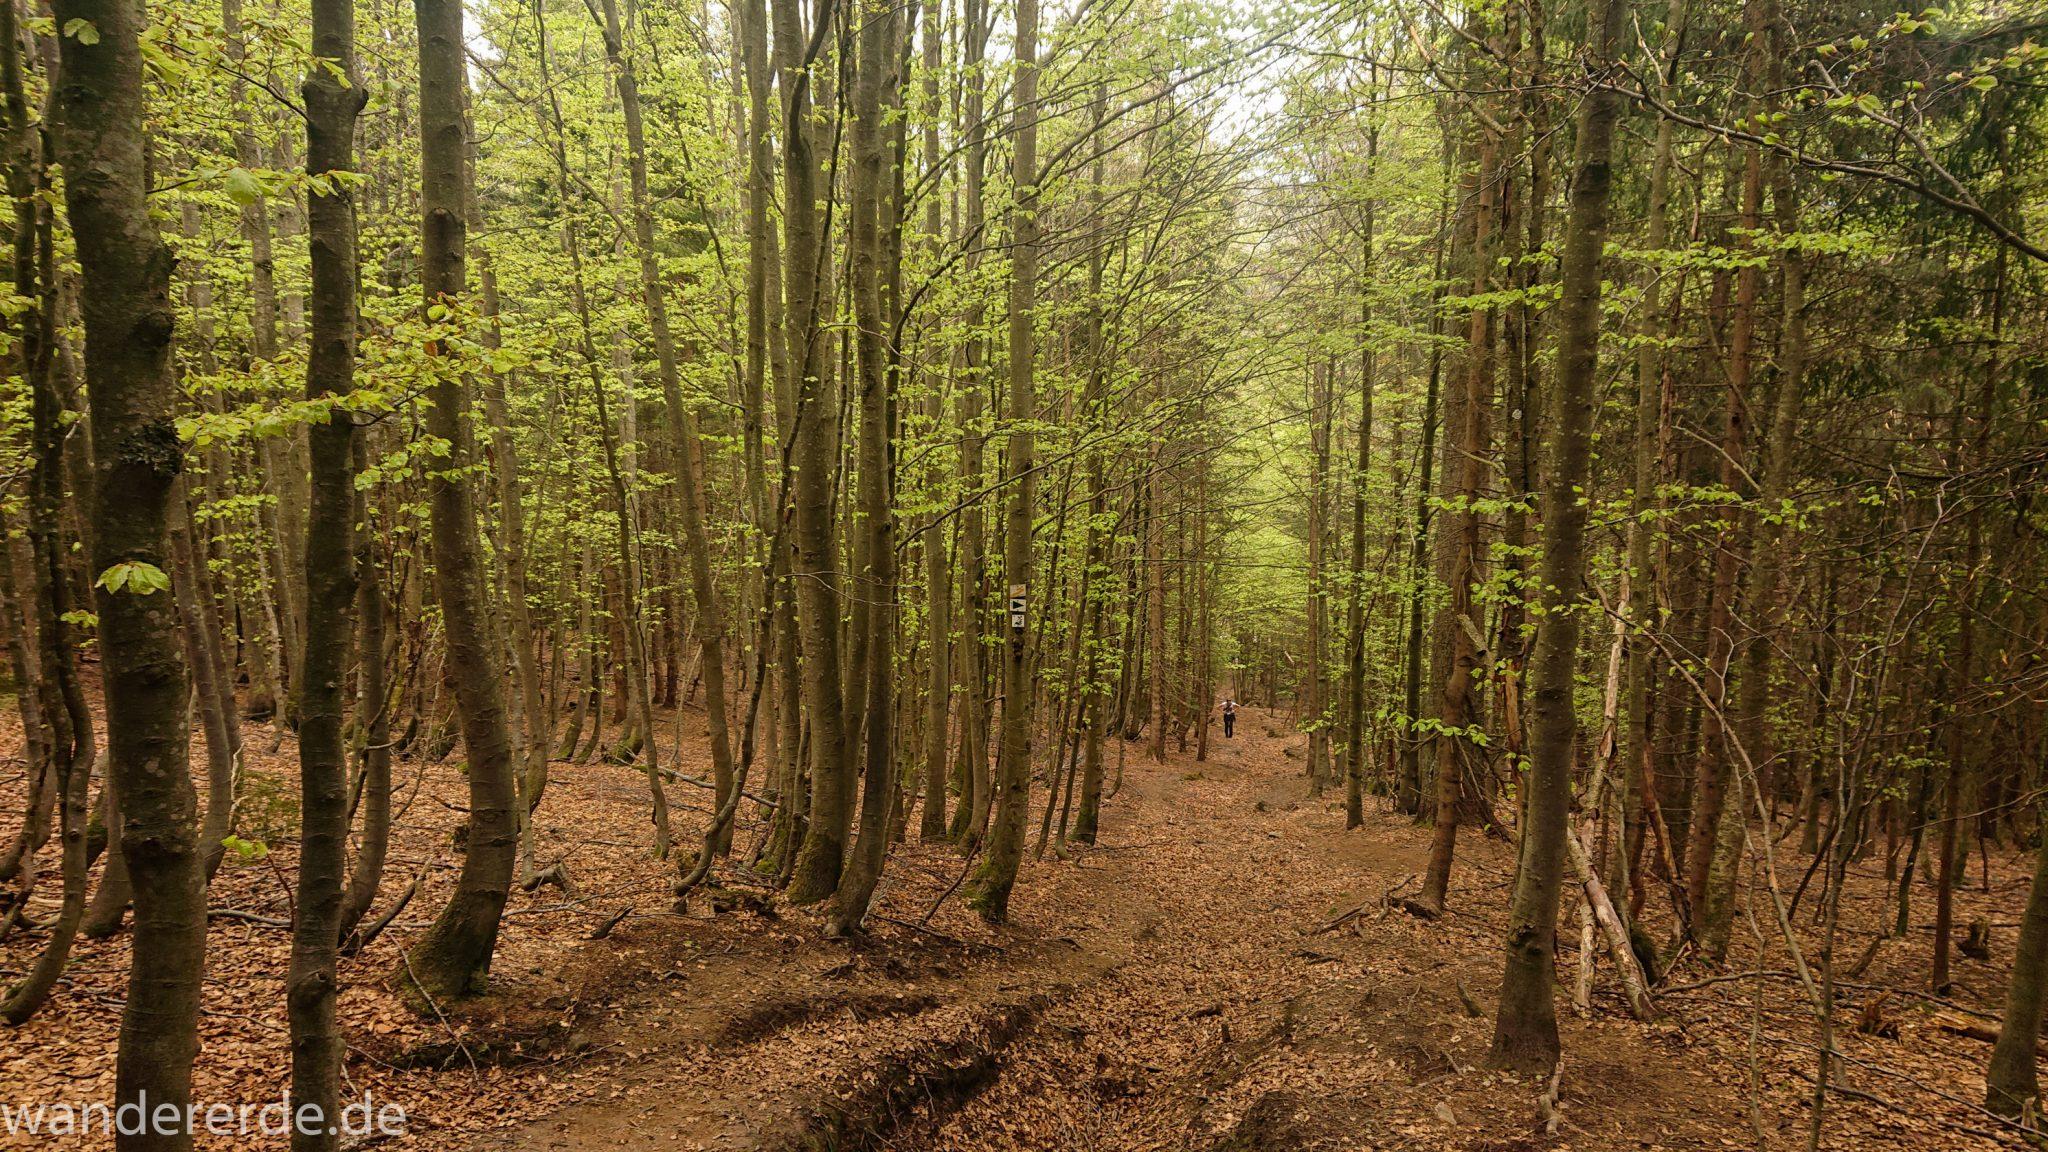 Rundwanderung zum Großen Falkenstein im Bayerischen Wald mit Start beim Zwieslerwaldhaus, Wanderweg Silberblatt mit traumhaft schönem und dichtem Wald, toller naturbelassener Wanderweg mit kühlendem Schatten, letzter Abschnitt der Wanderung auf den Großen Falkenstein ist ziemlich steil, Frühjahr im bayerischen Wald